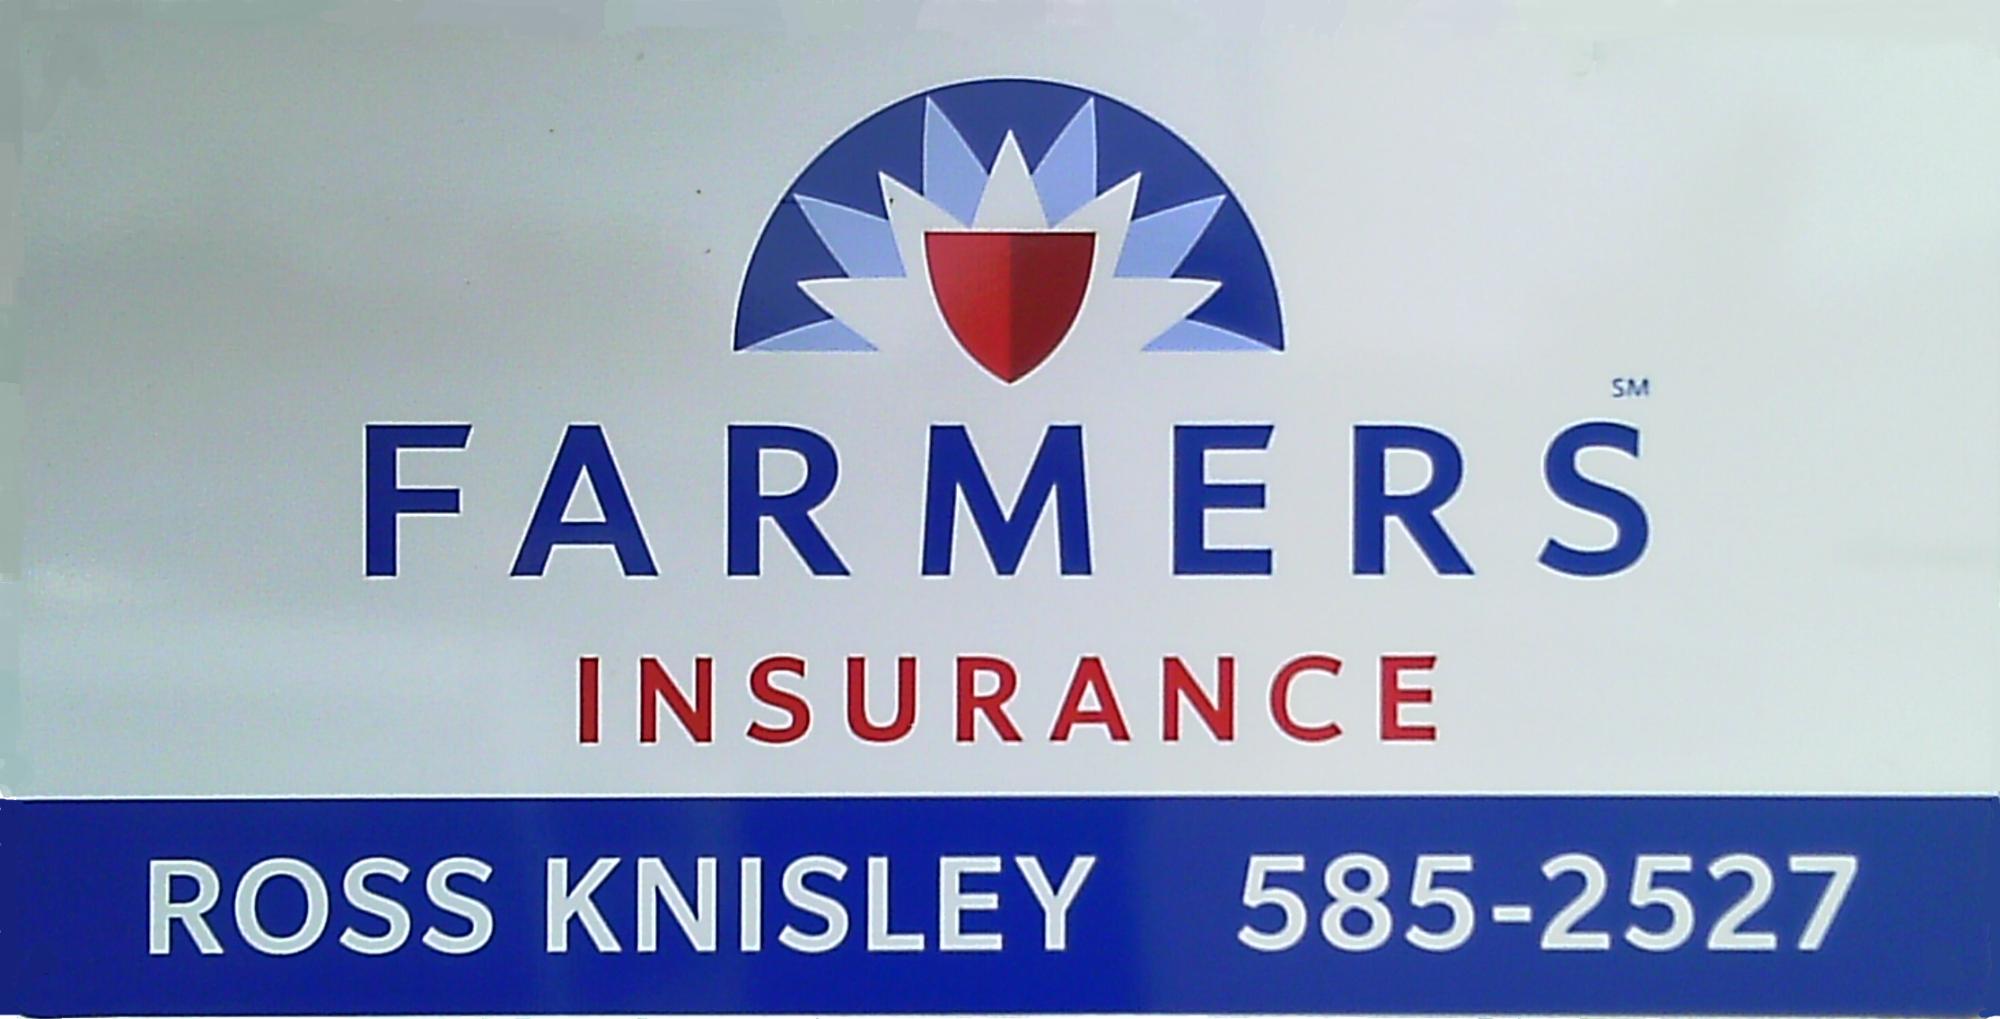 Ross Knisley Farmers Insurance